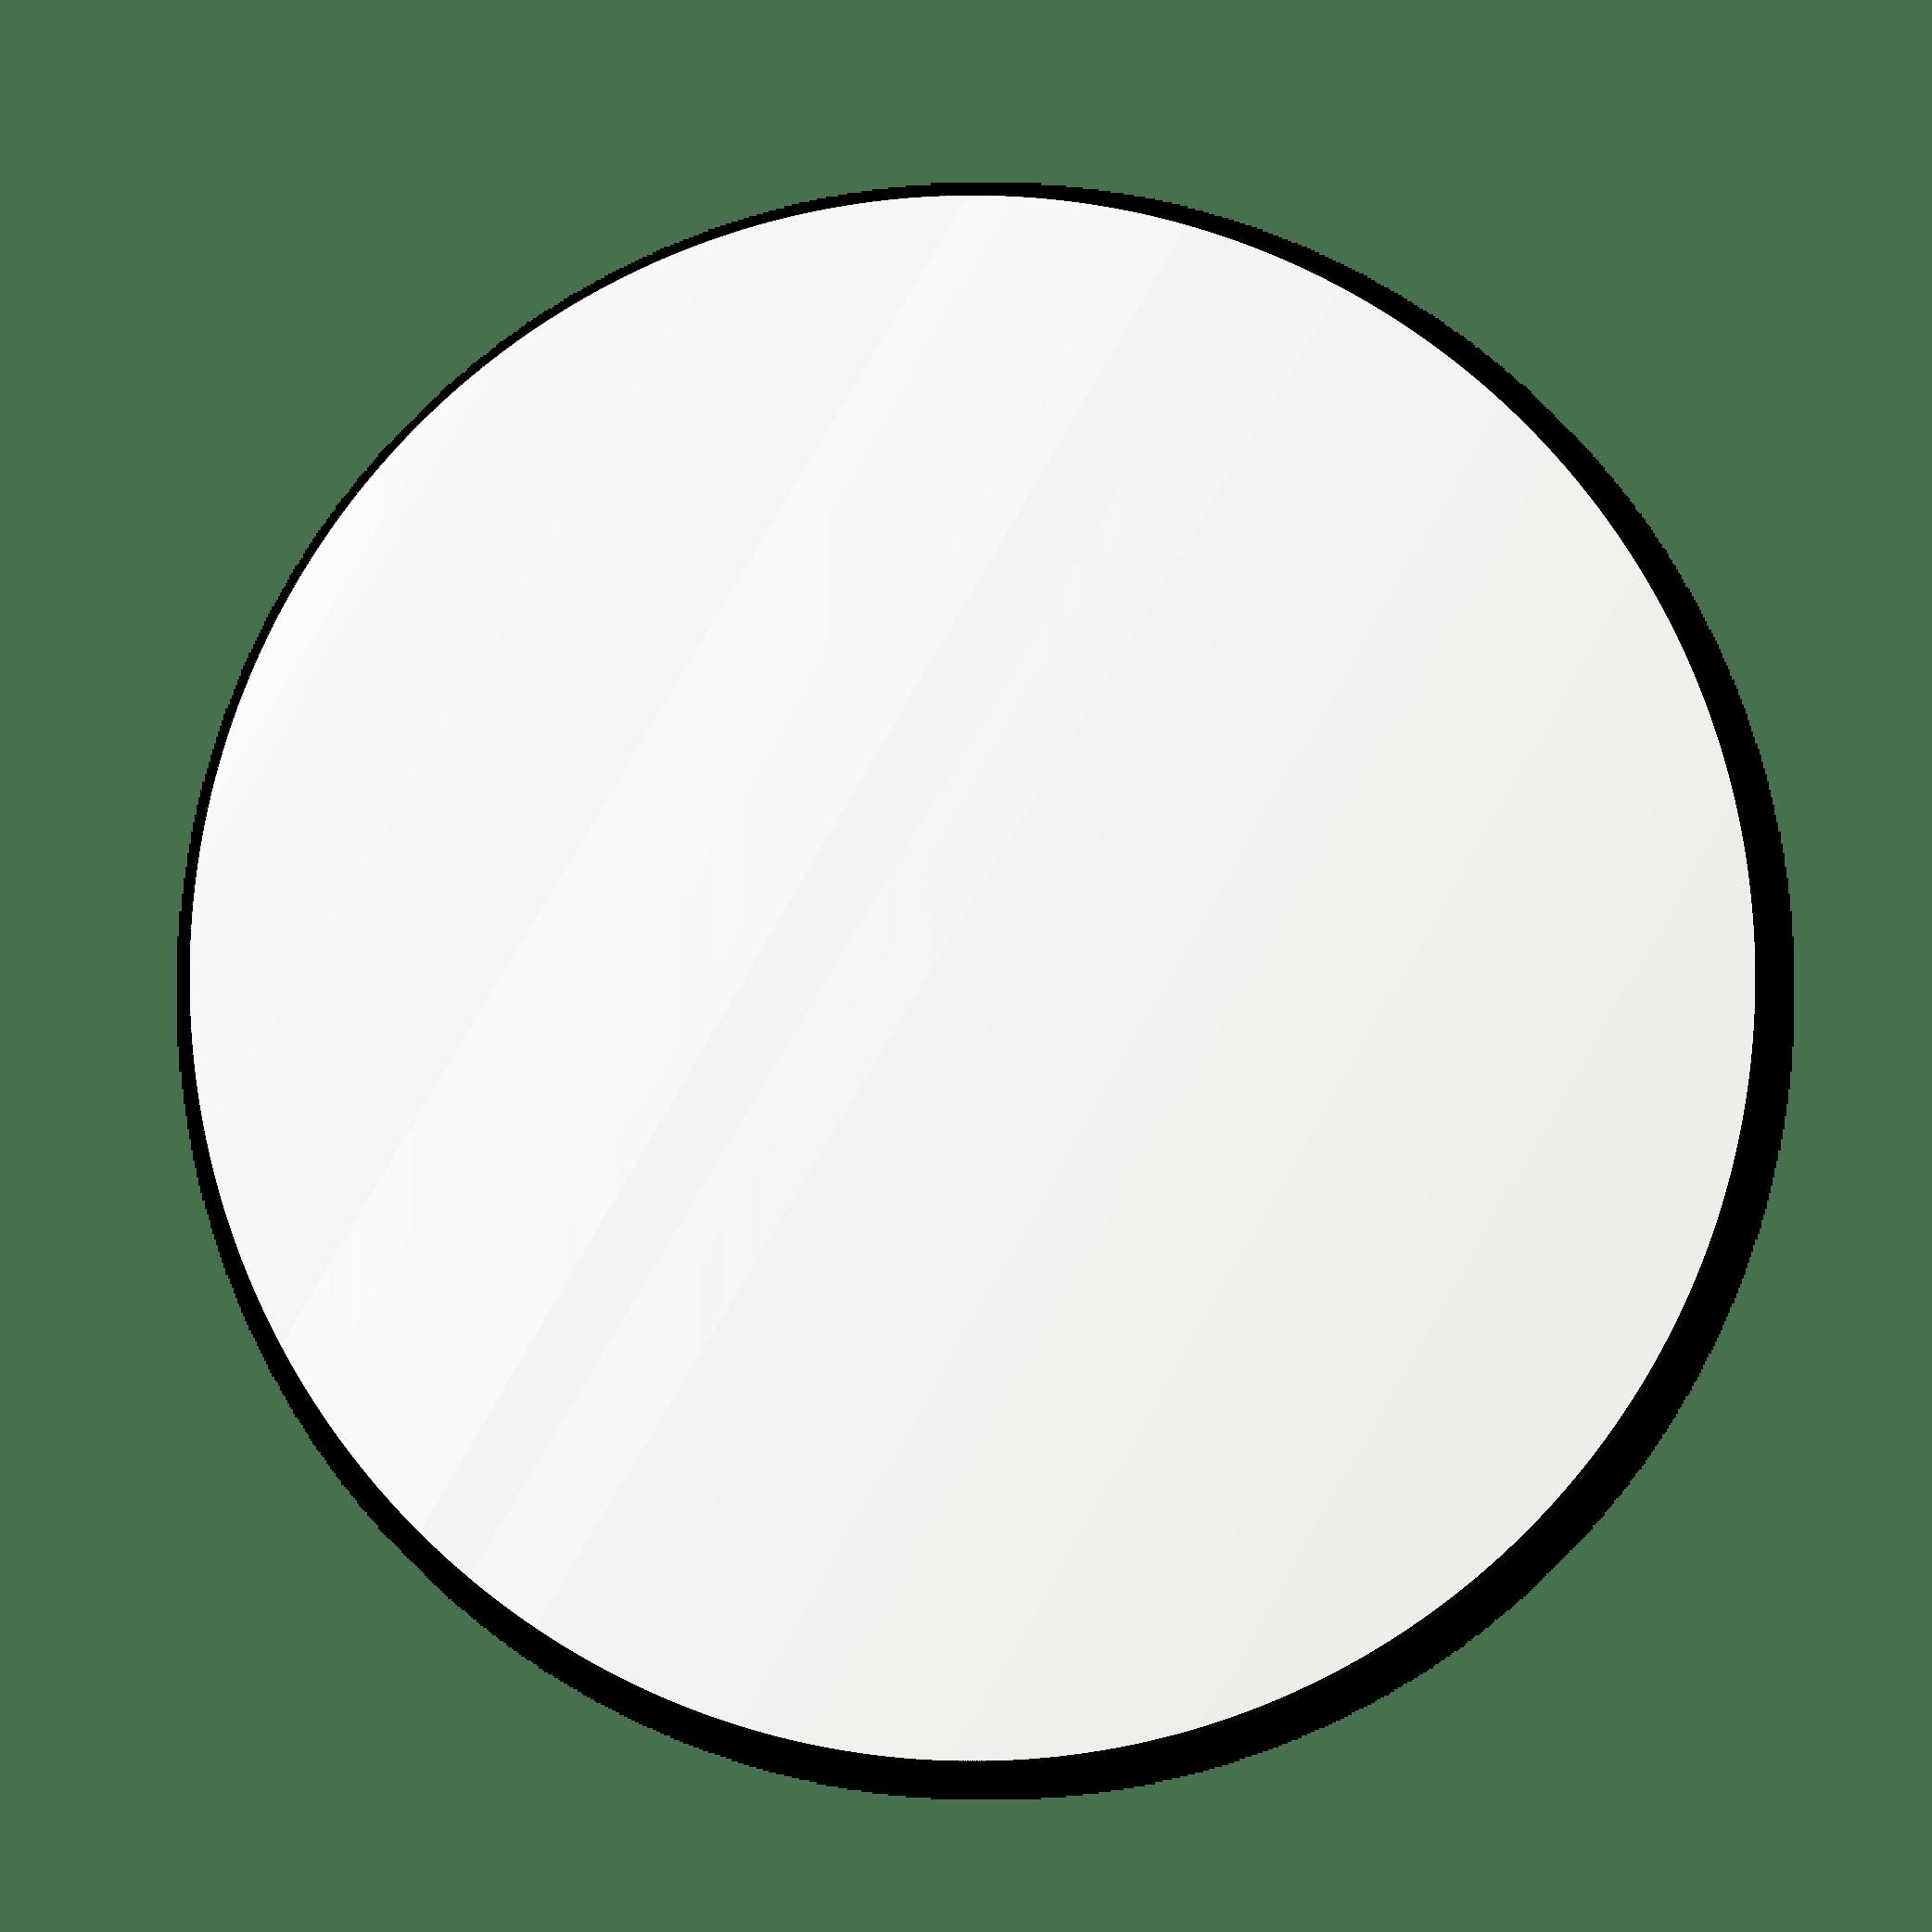 Круглое зеркало диаметром 1070 мм с фацетом 25 мм осветленные для монтажа на клей